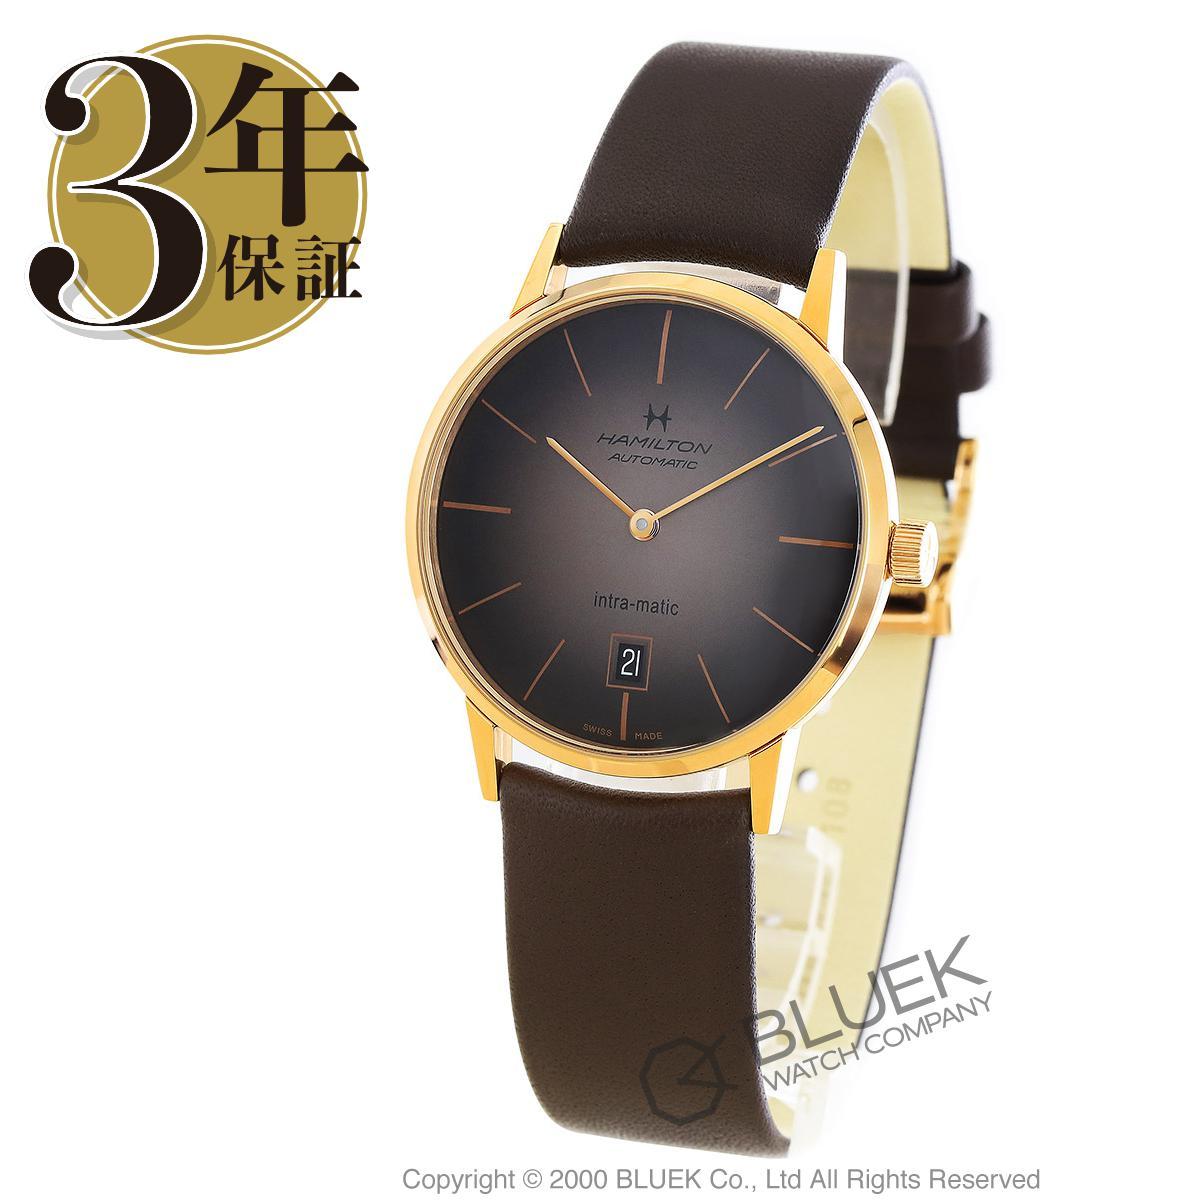 ハミルトン アメリカンクラシック イントラマティック 腕時計 メンズ HAMILTON H38465501_3